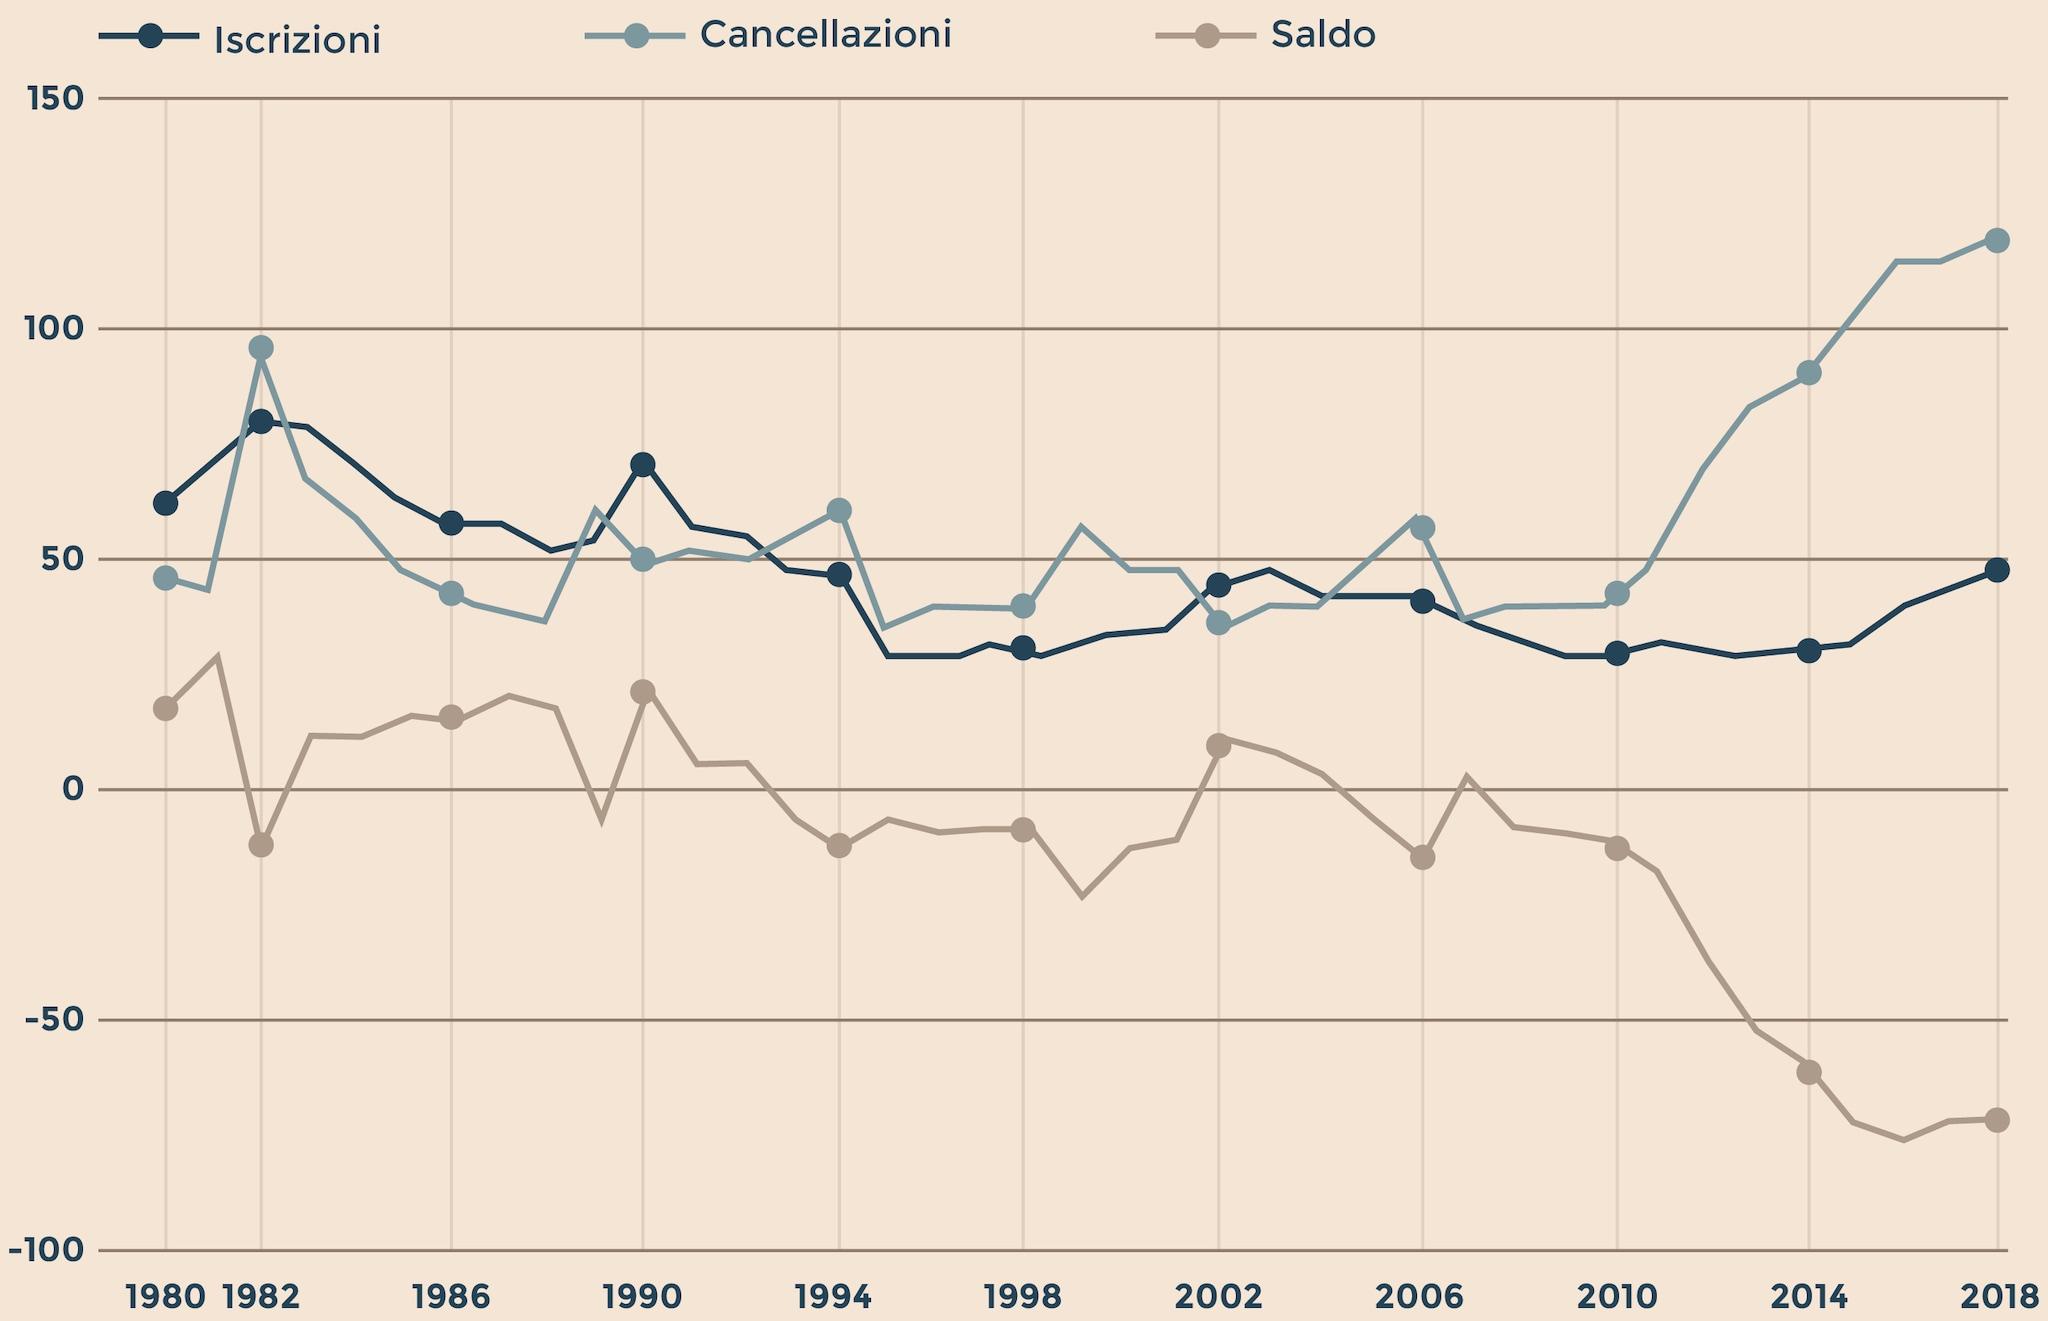 ISCRIZIONI, CANCELLAZIONI E SALDI MIGRATORI DEGLI ITALIANI 1980-2018